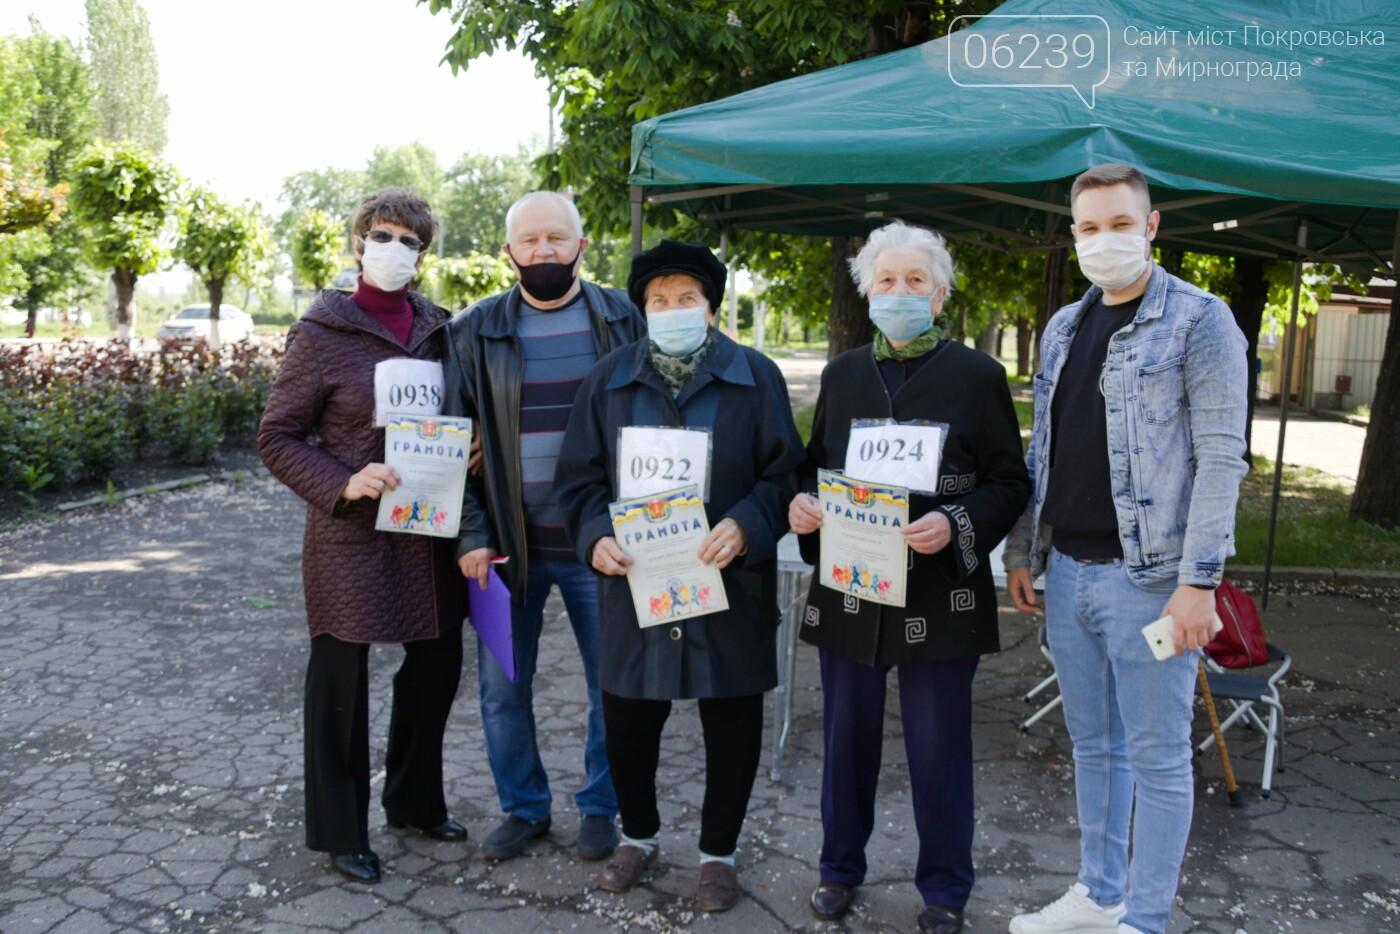 В Мирнограде состоялся первый физкультурно-оздоровительный индивидуальный забег, фото-4